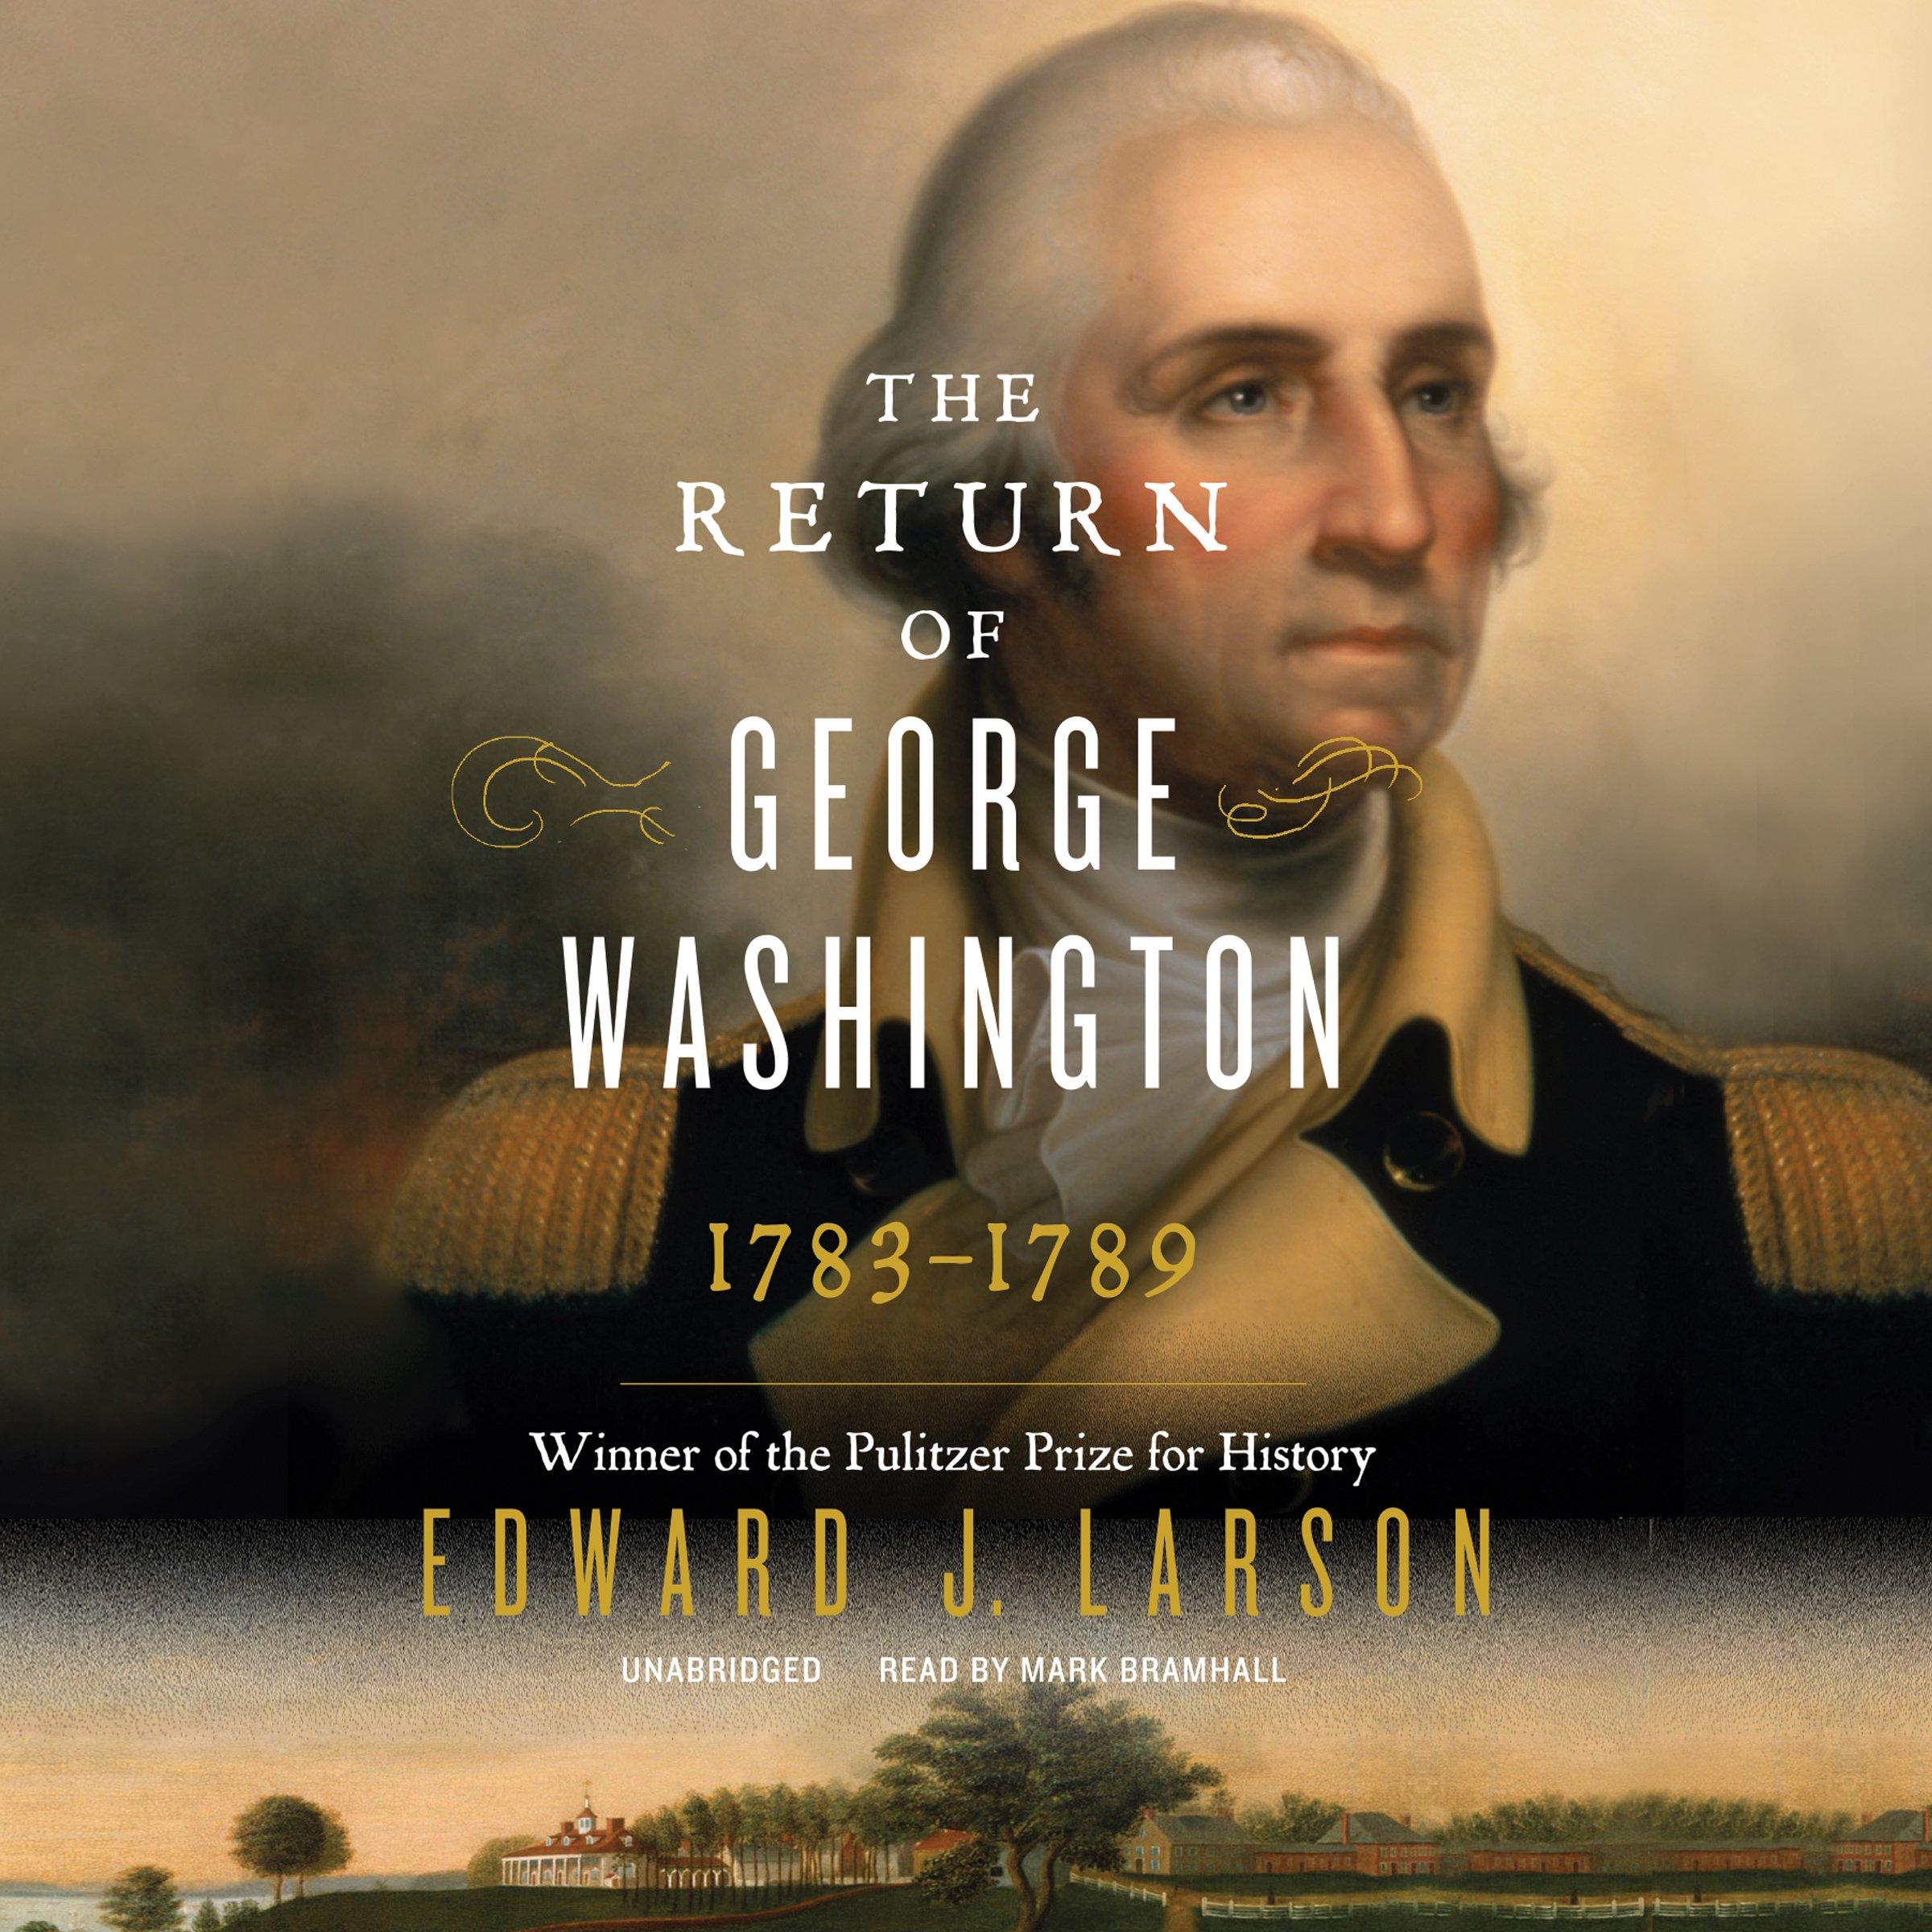 The Return of George Washington - Uniting the States, 1783-1789 - Edward Larson